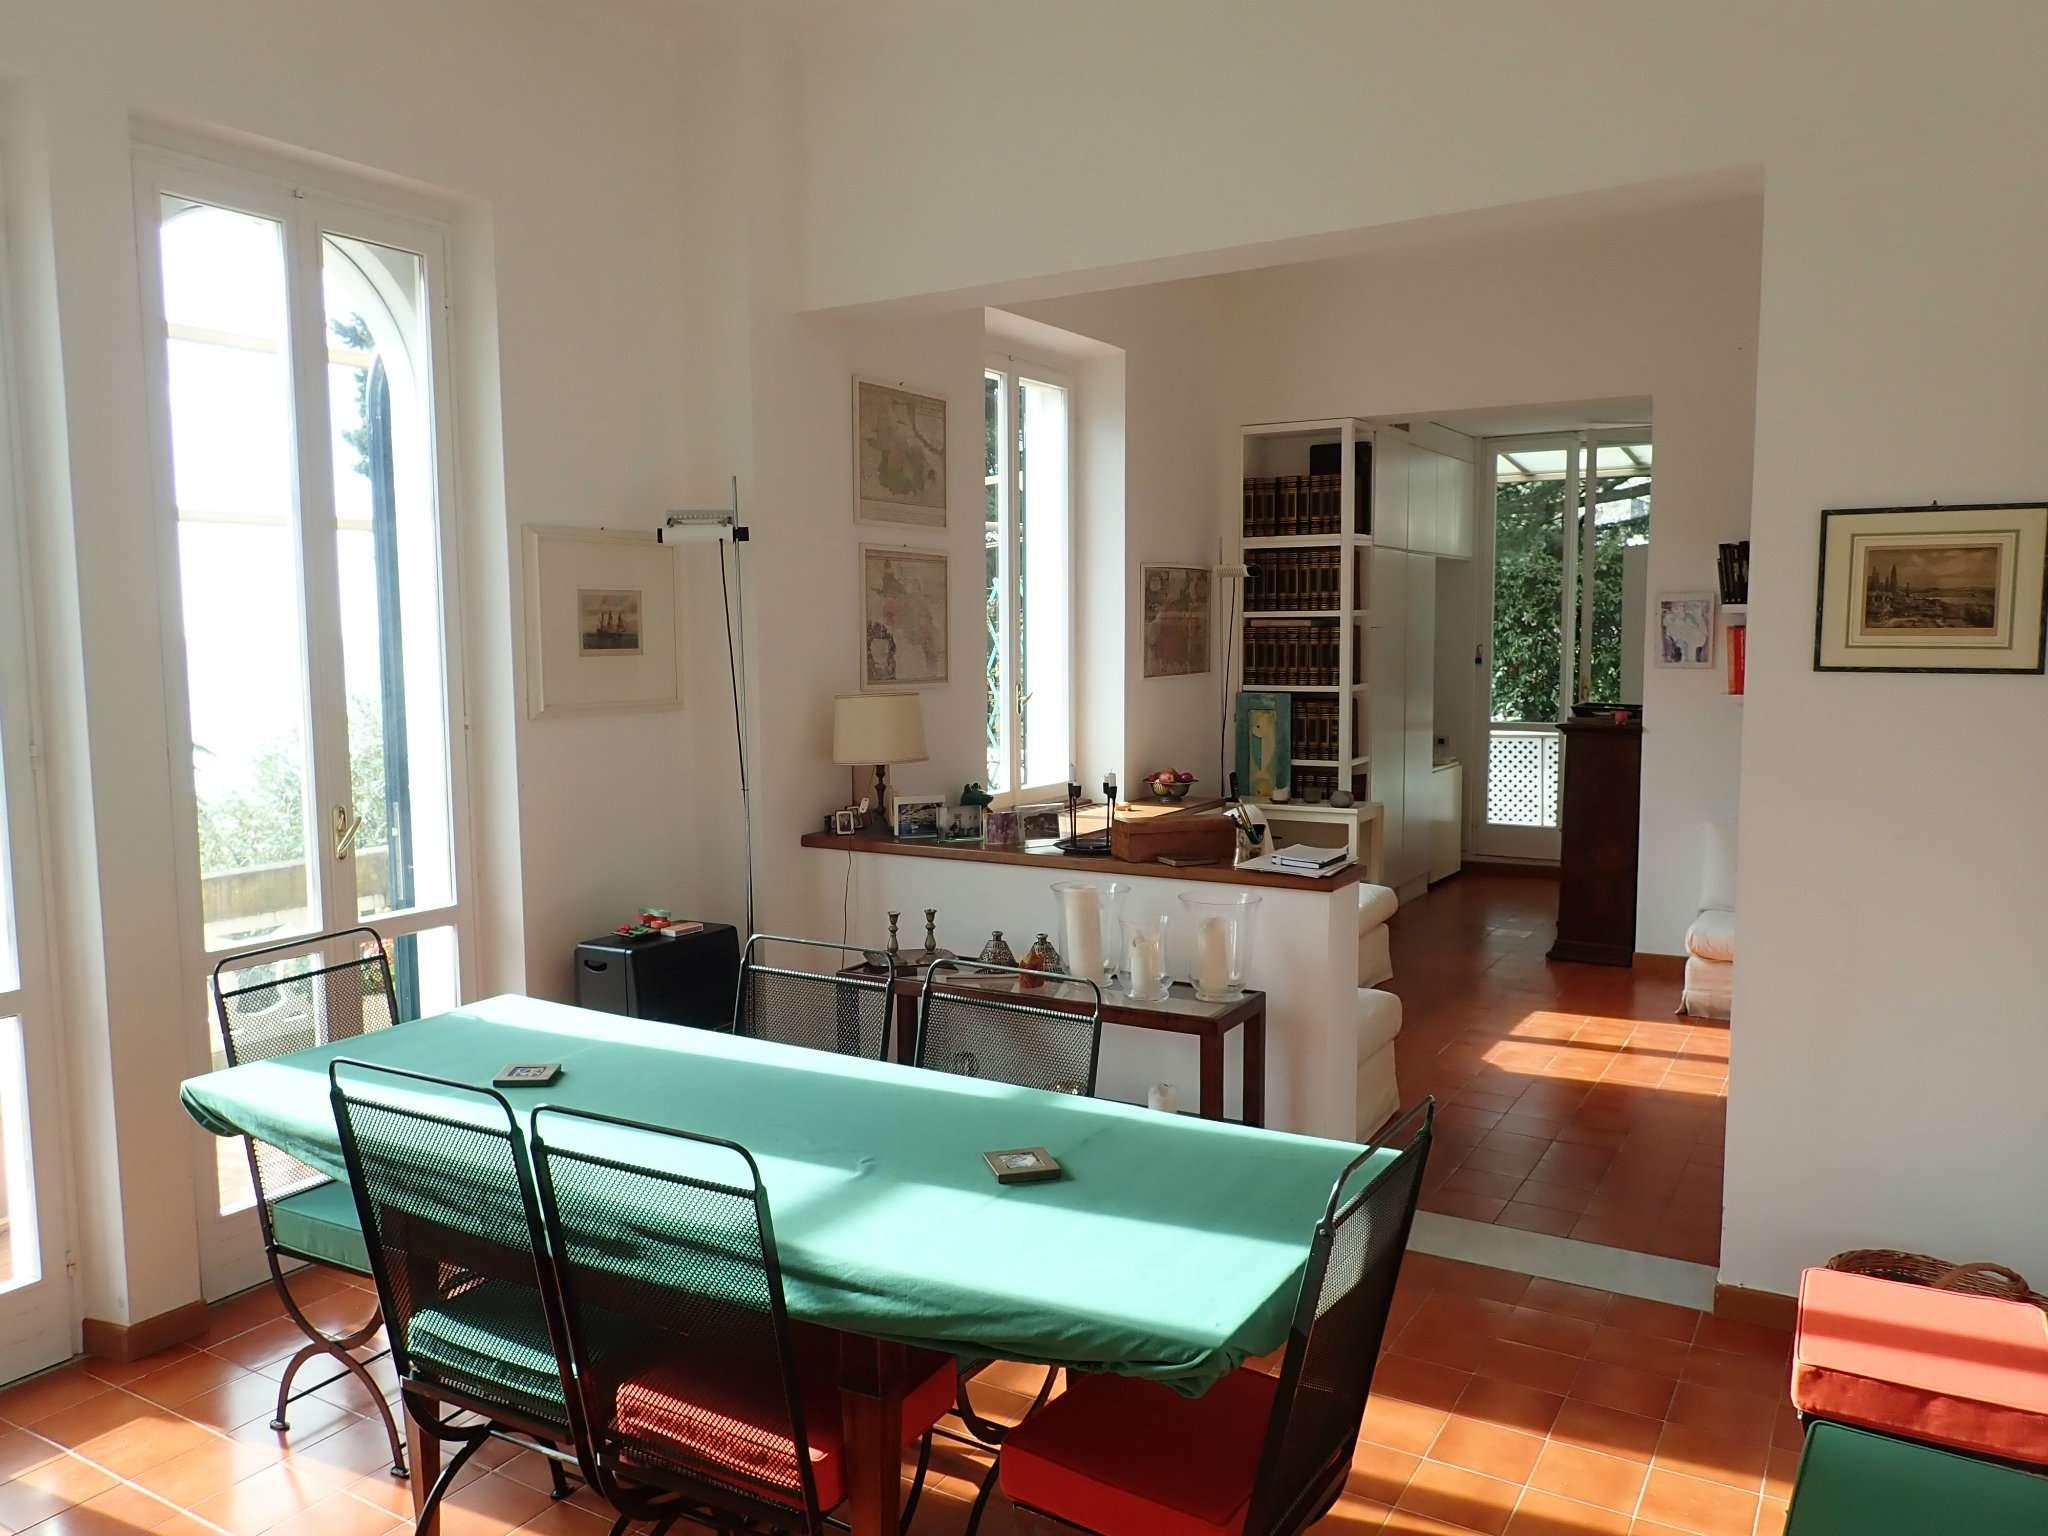 Appartamento in vendita a Levanto, 5 locali, prezzo € 940.000 | PortaleAgenzieImmobiliari.it